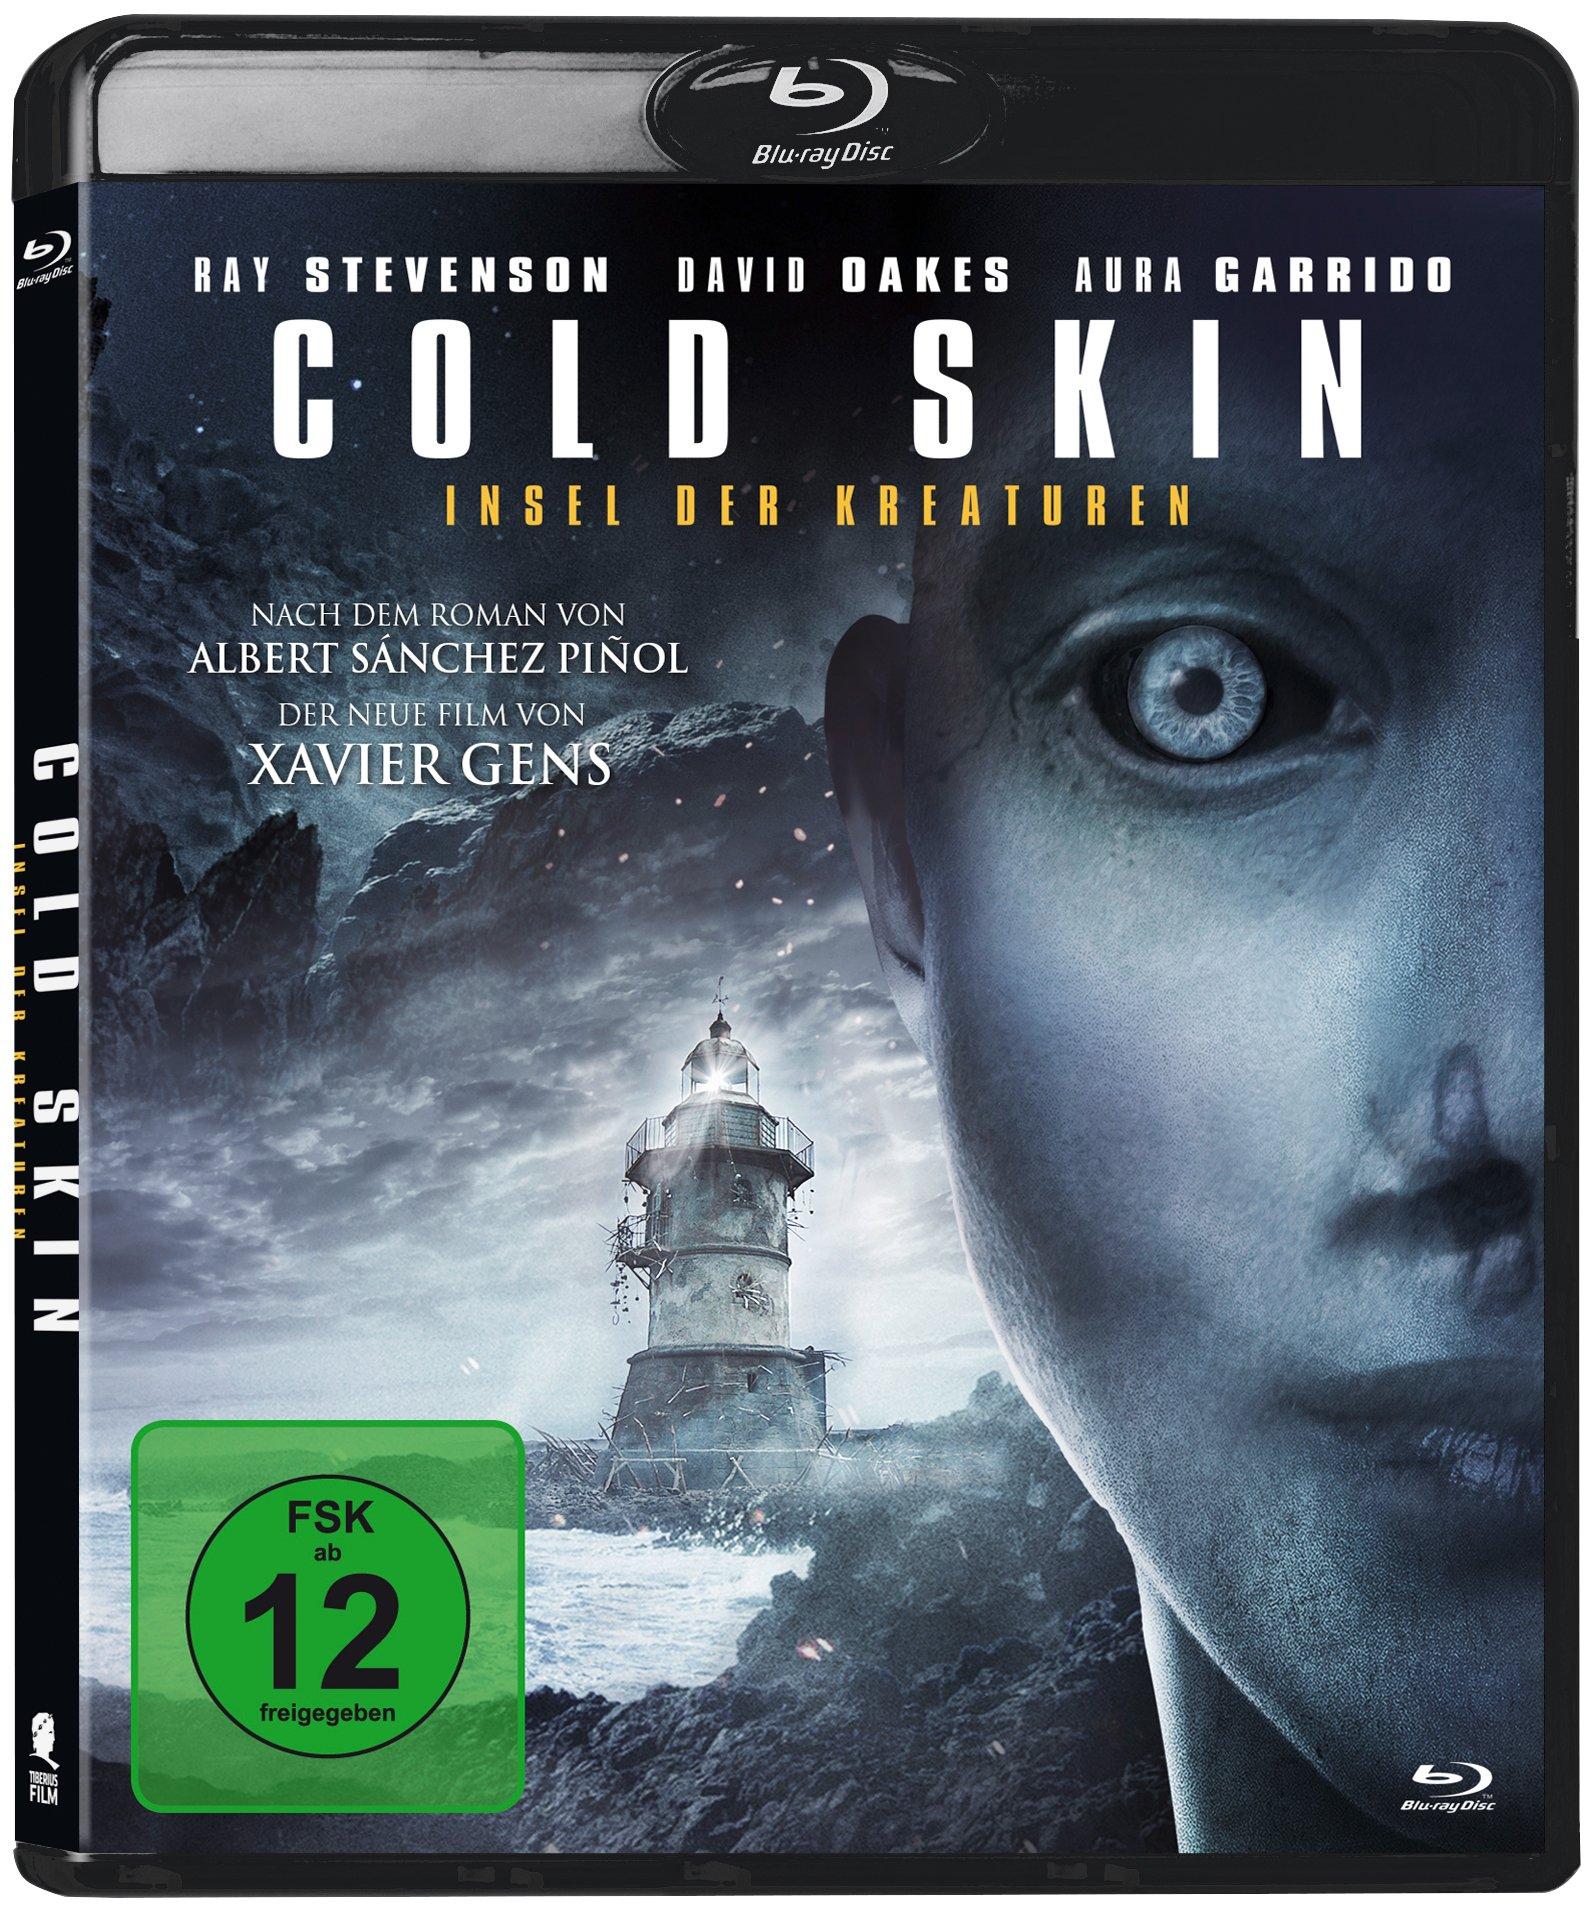 download Cold.Skin.Insel.der.Kreaturen.2017.German.DTS.DL.1080p.BluRay.x265-UNFIrED